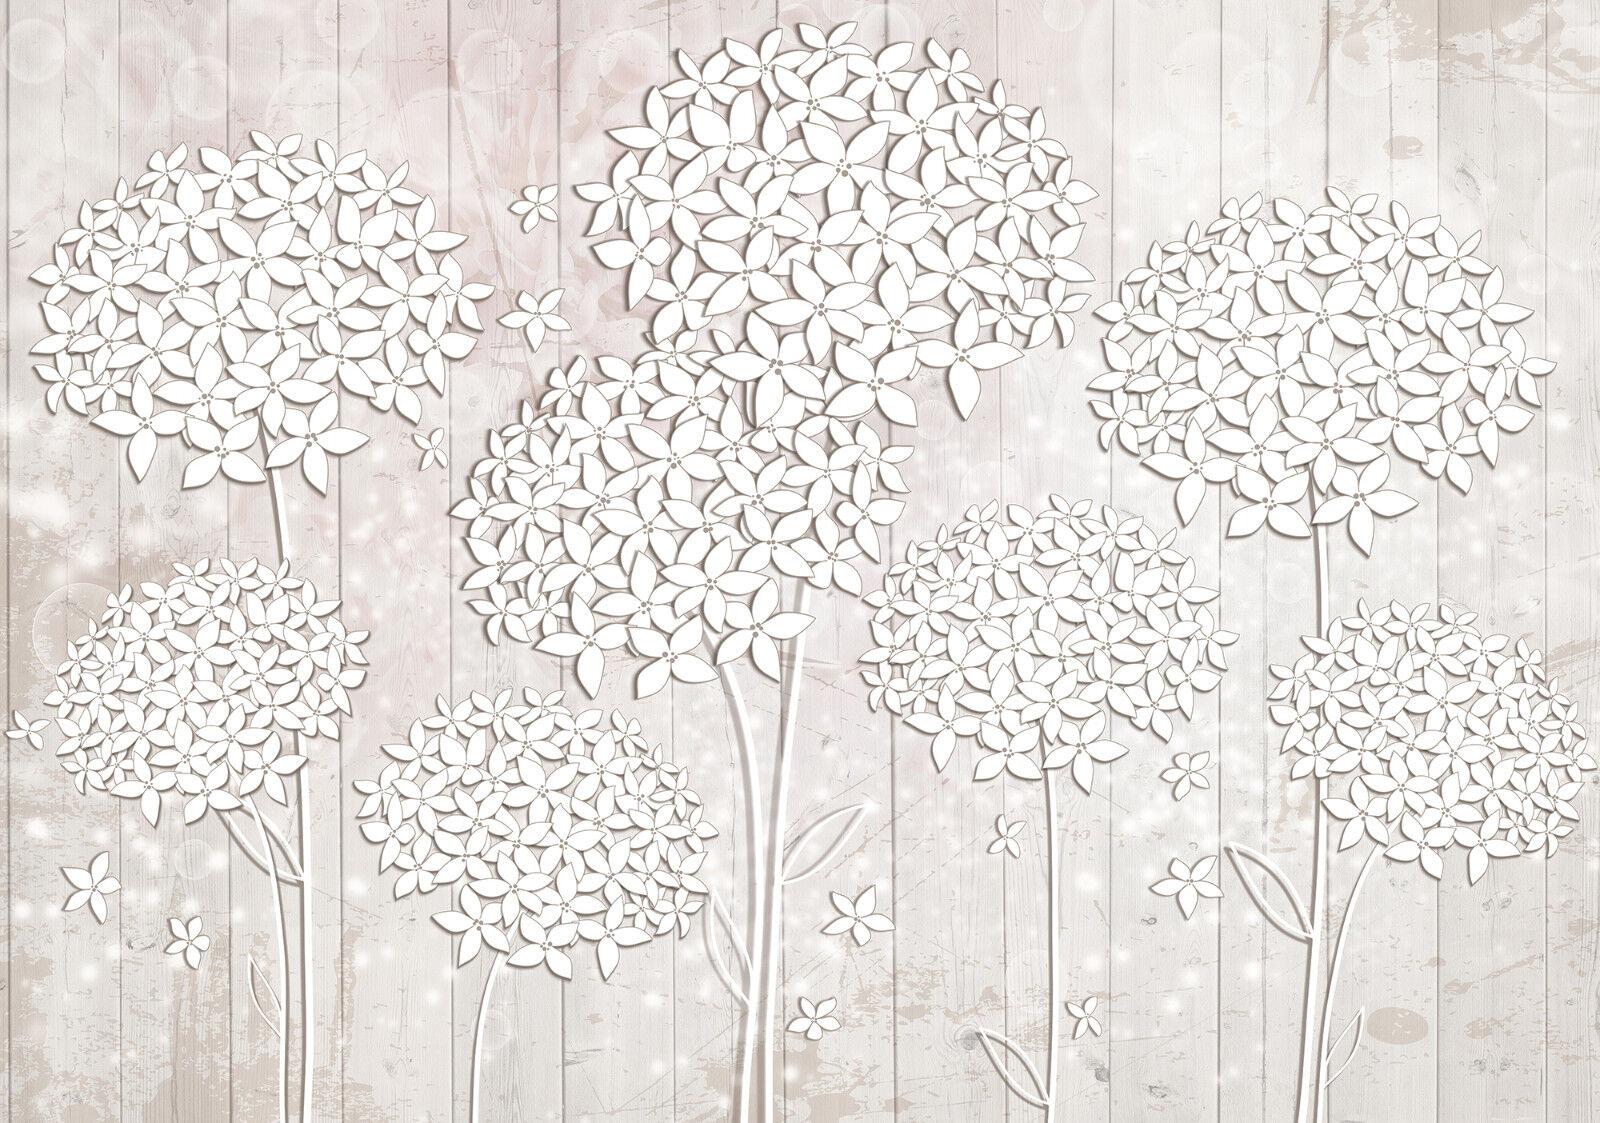 Fotomurale tessuto non tessuto-Fiori-Design - (3502) - - - legno-Parete Deco Fiori Piante Modello XXL | Fornitura sufficiente  | comfort  | Prestazioni Affidabili  13f035